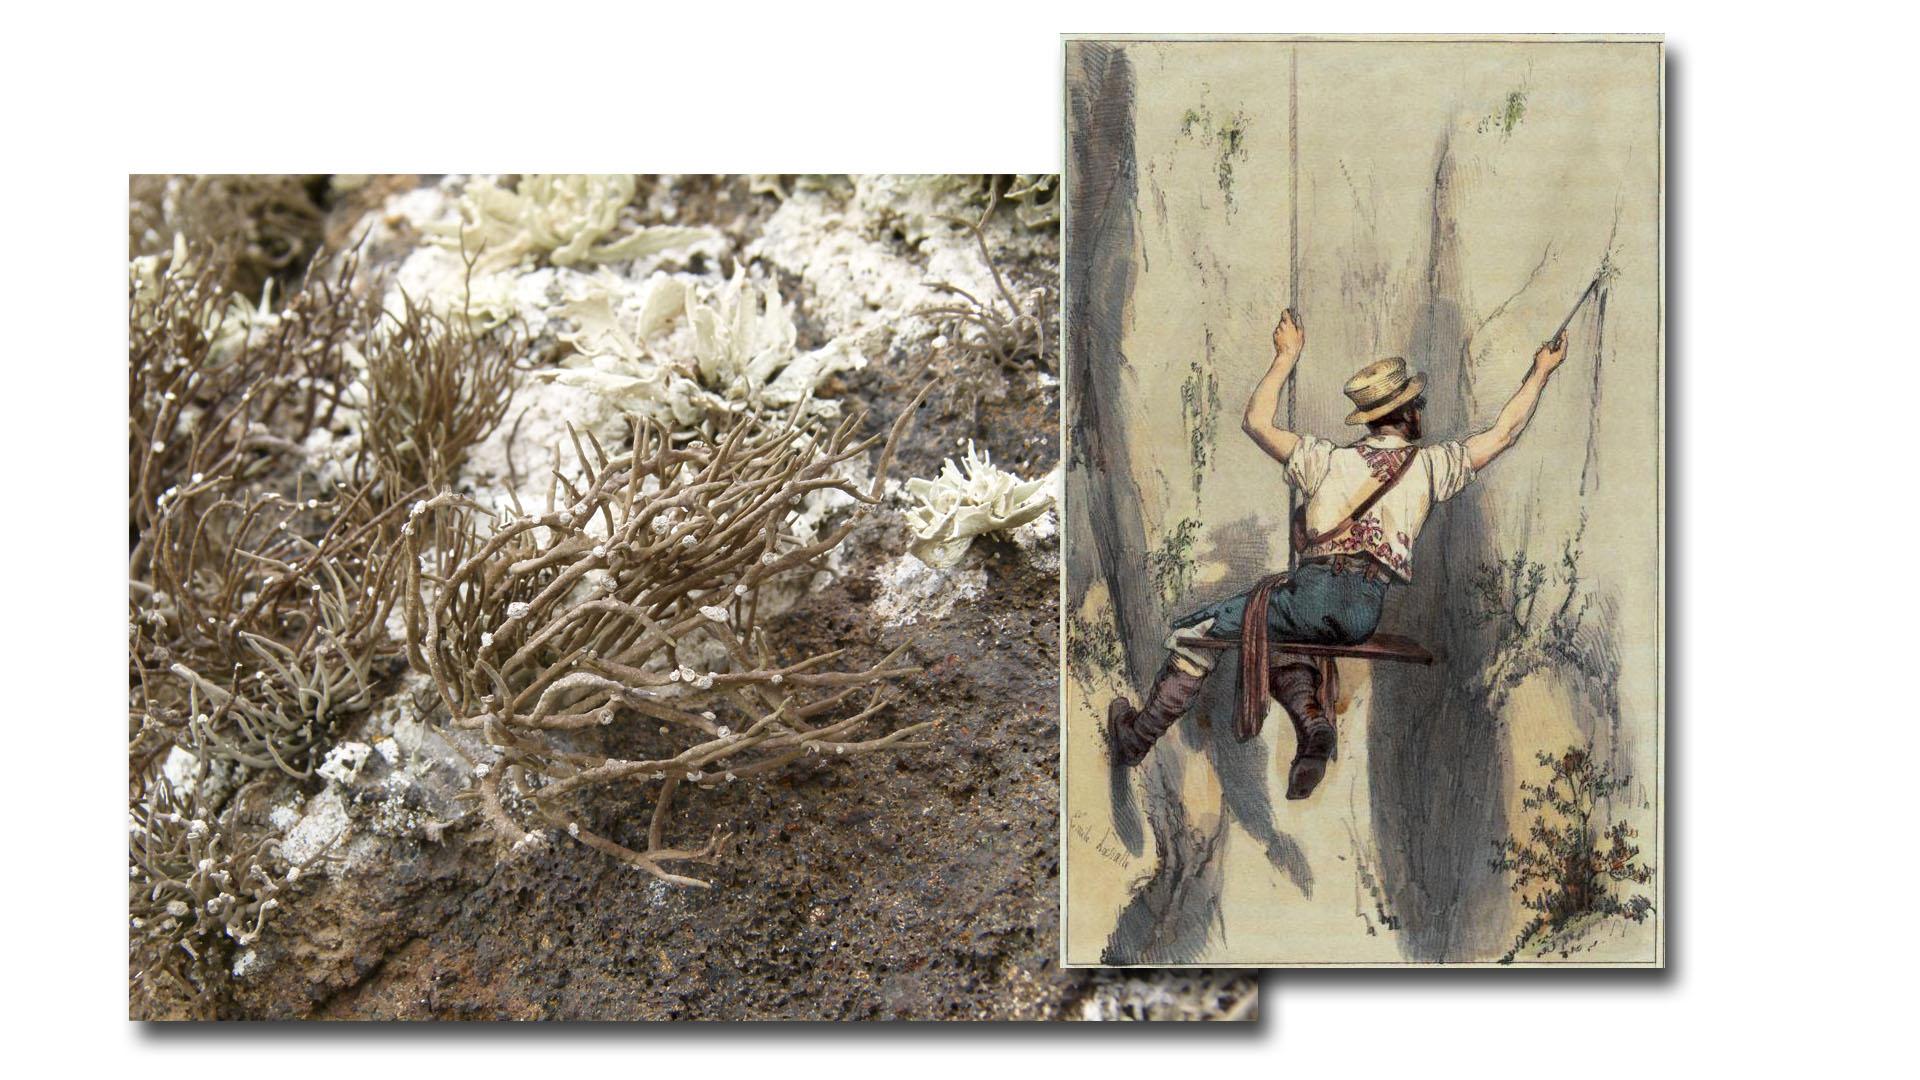 Pflanzen und Schnecken für die Purpurgewinnung –ein Farbstoff einst wertvoller als Gold.